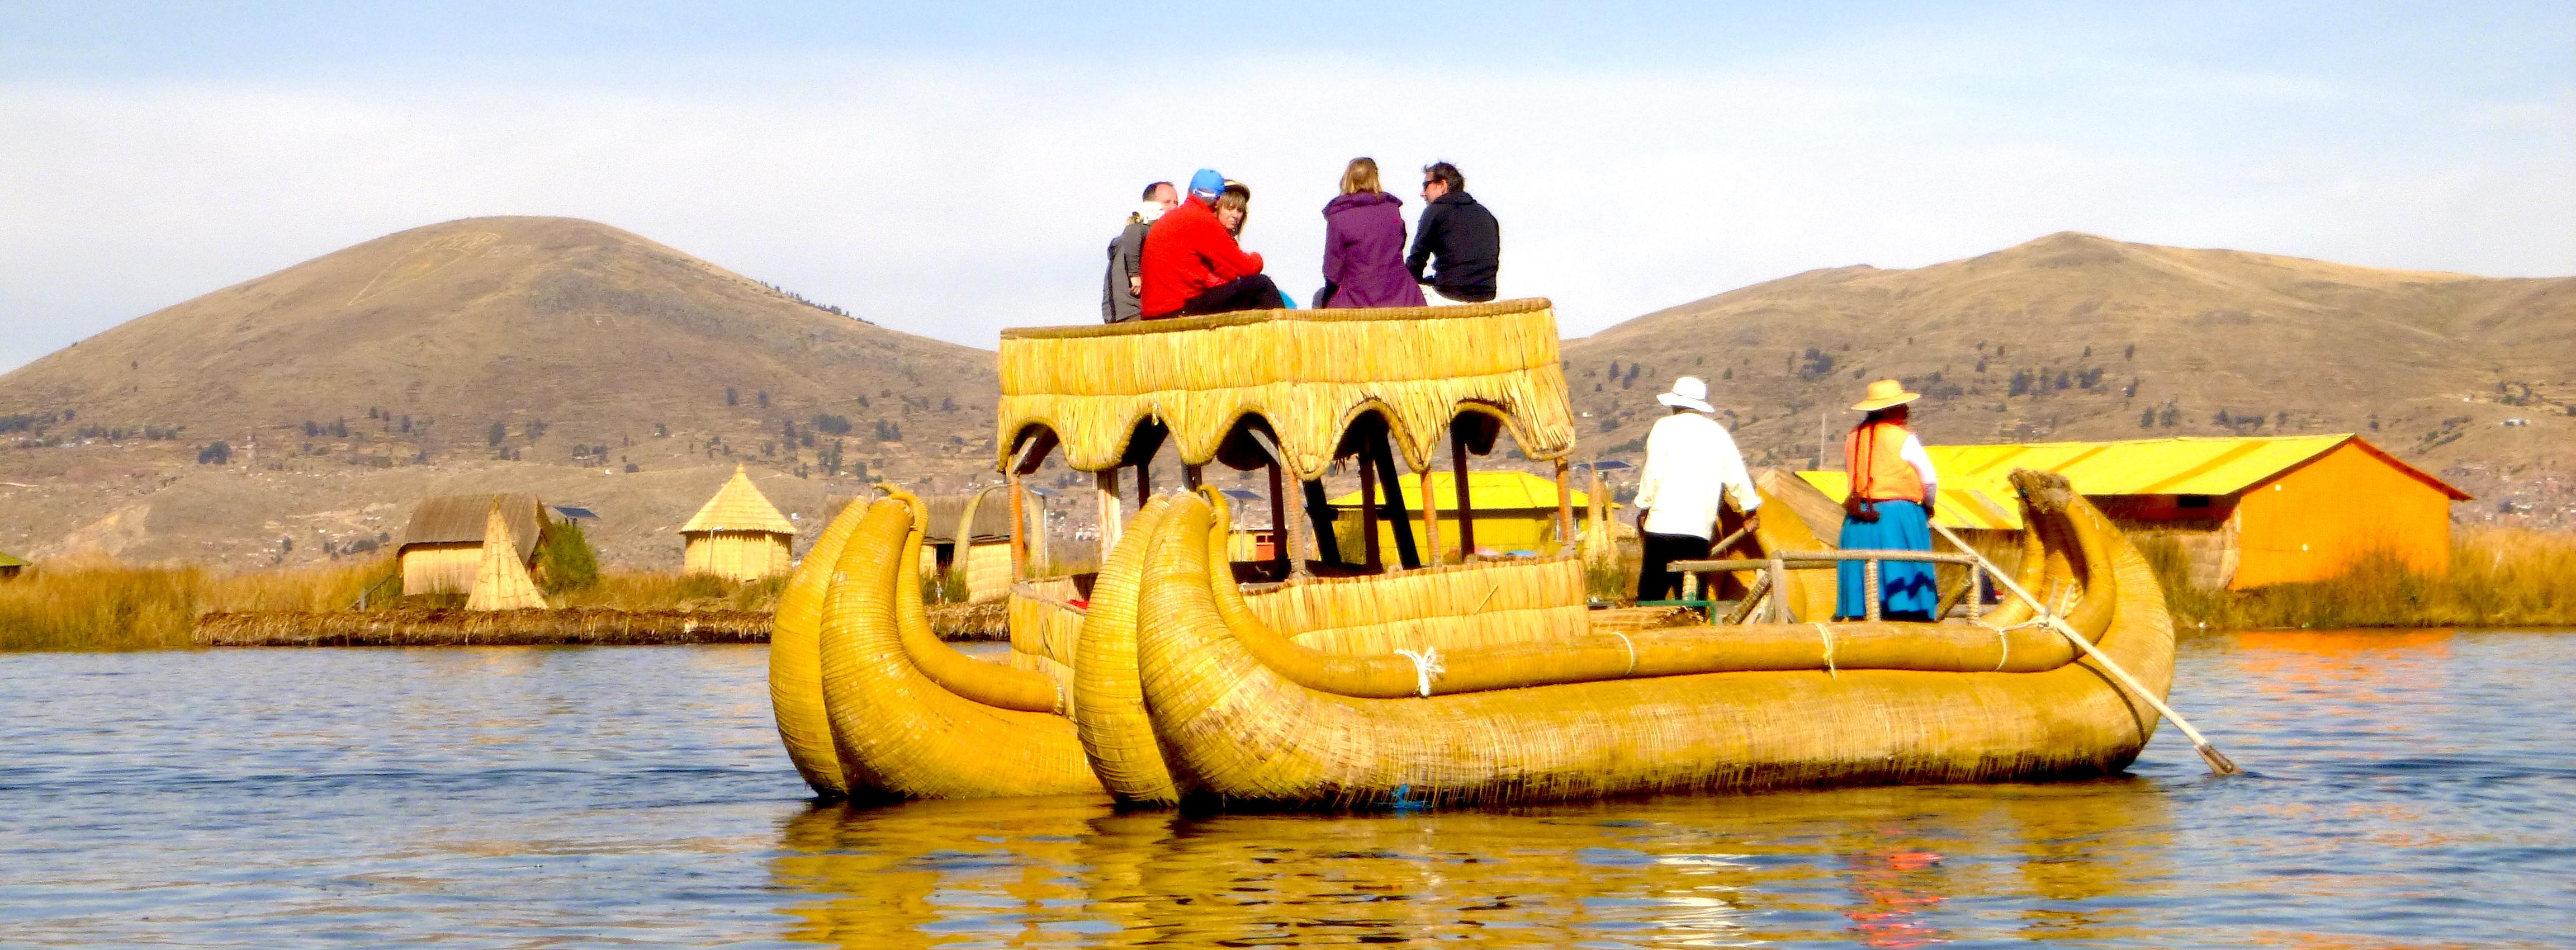 titicaca wide